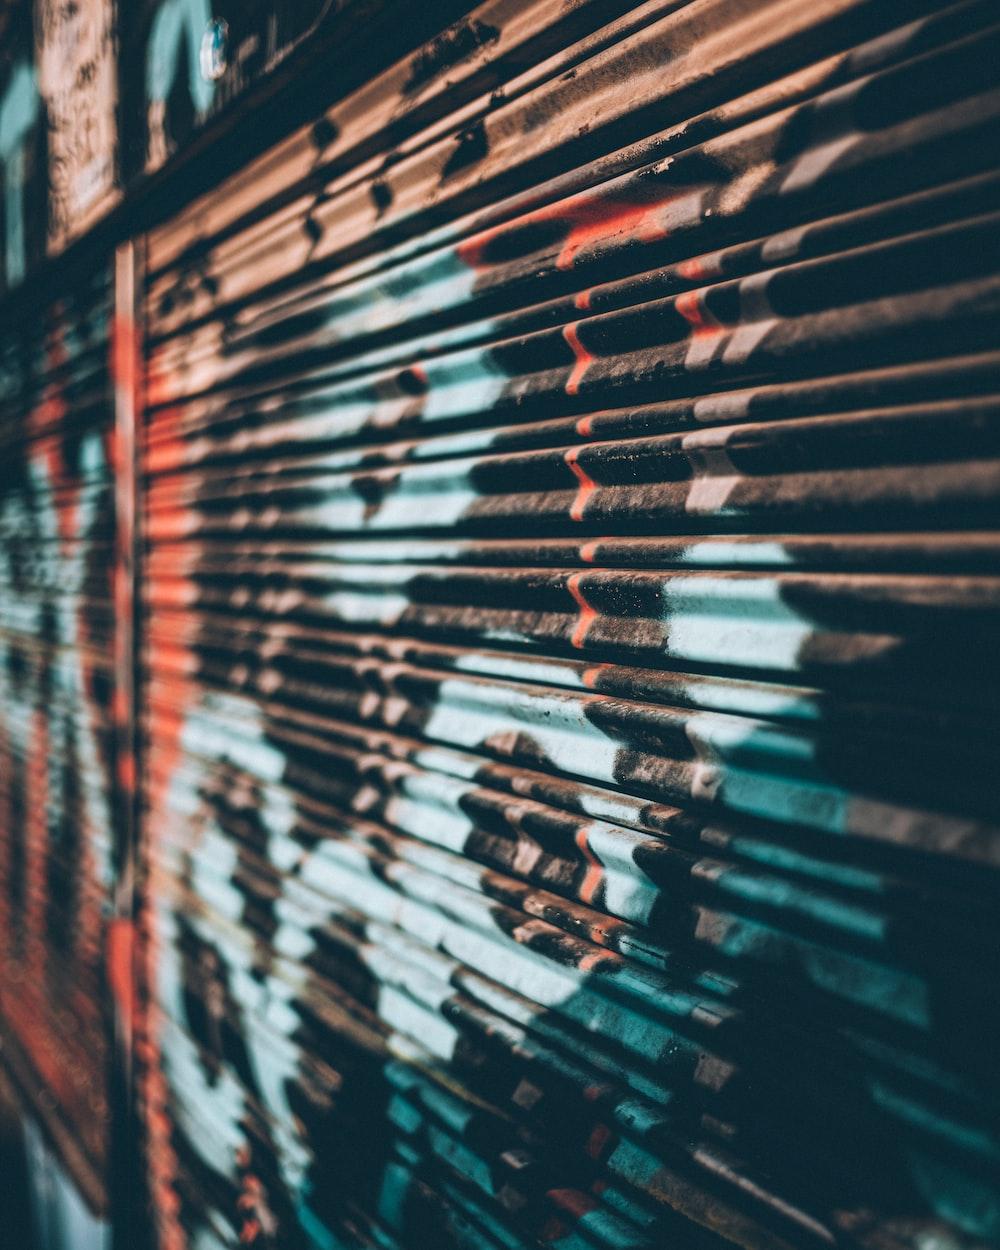 grafitti on rollup door